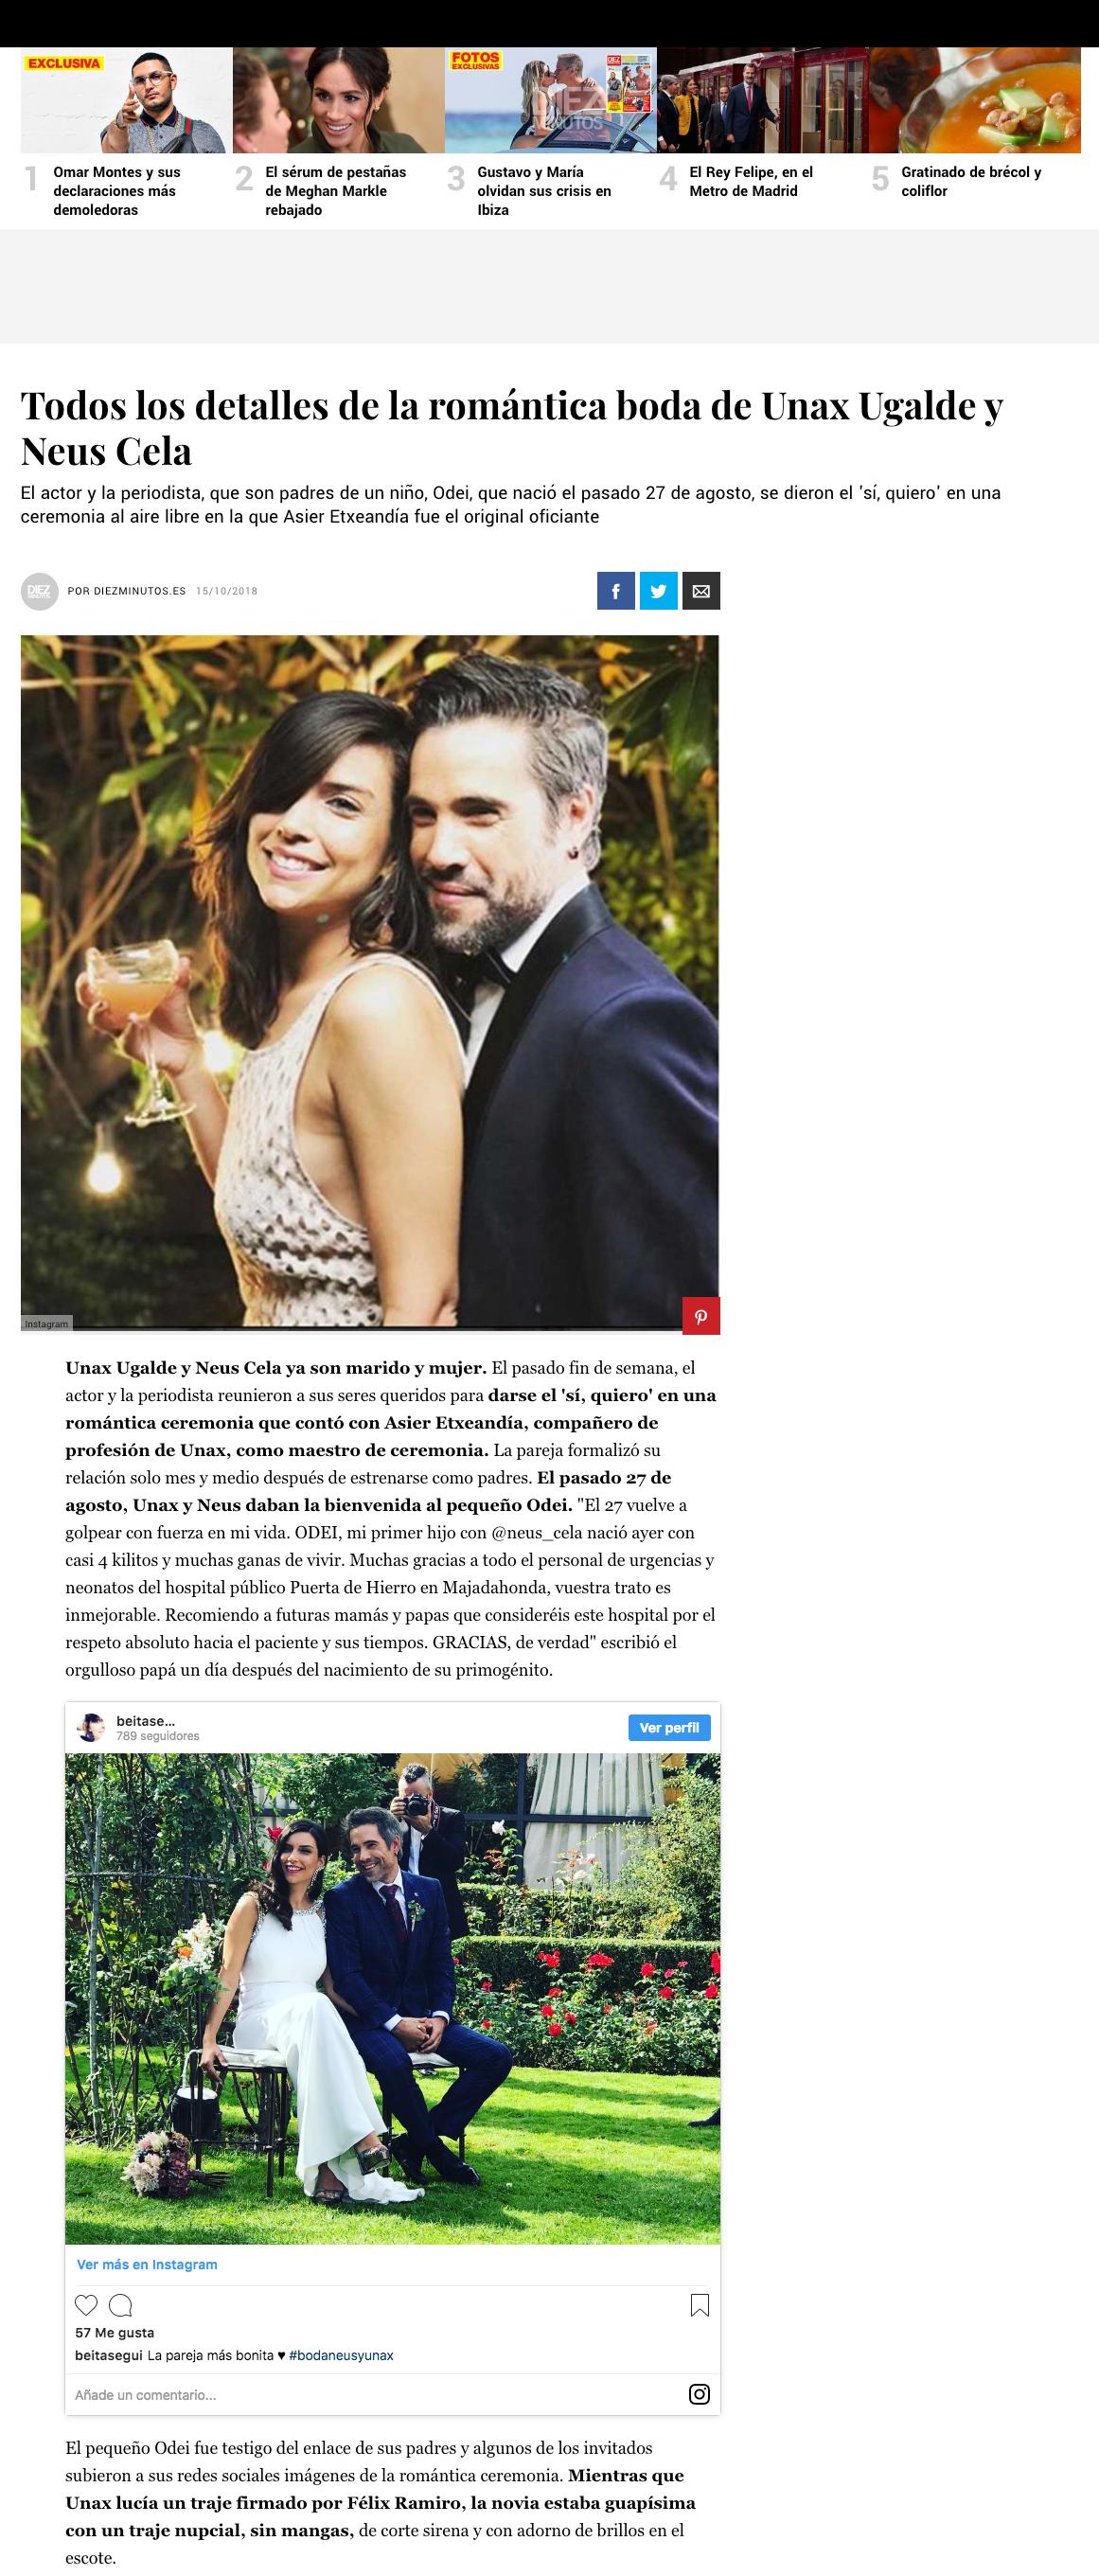 Prnesa noticia Diez minutos boda Unax Ugalde Félix Ramiro